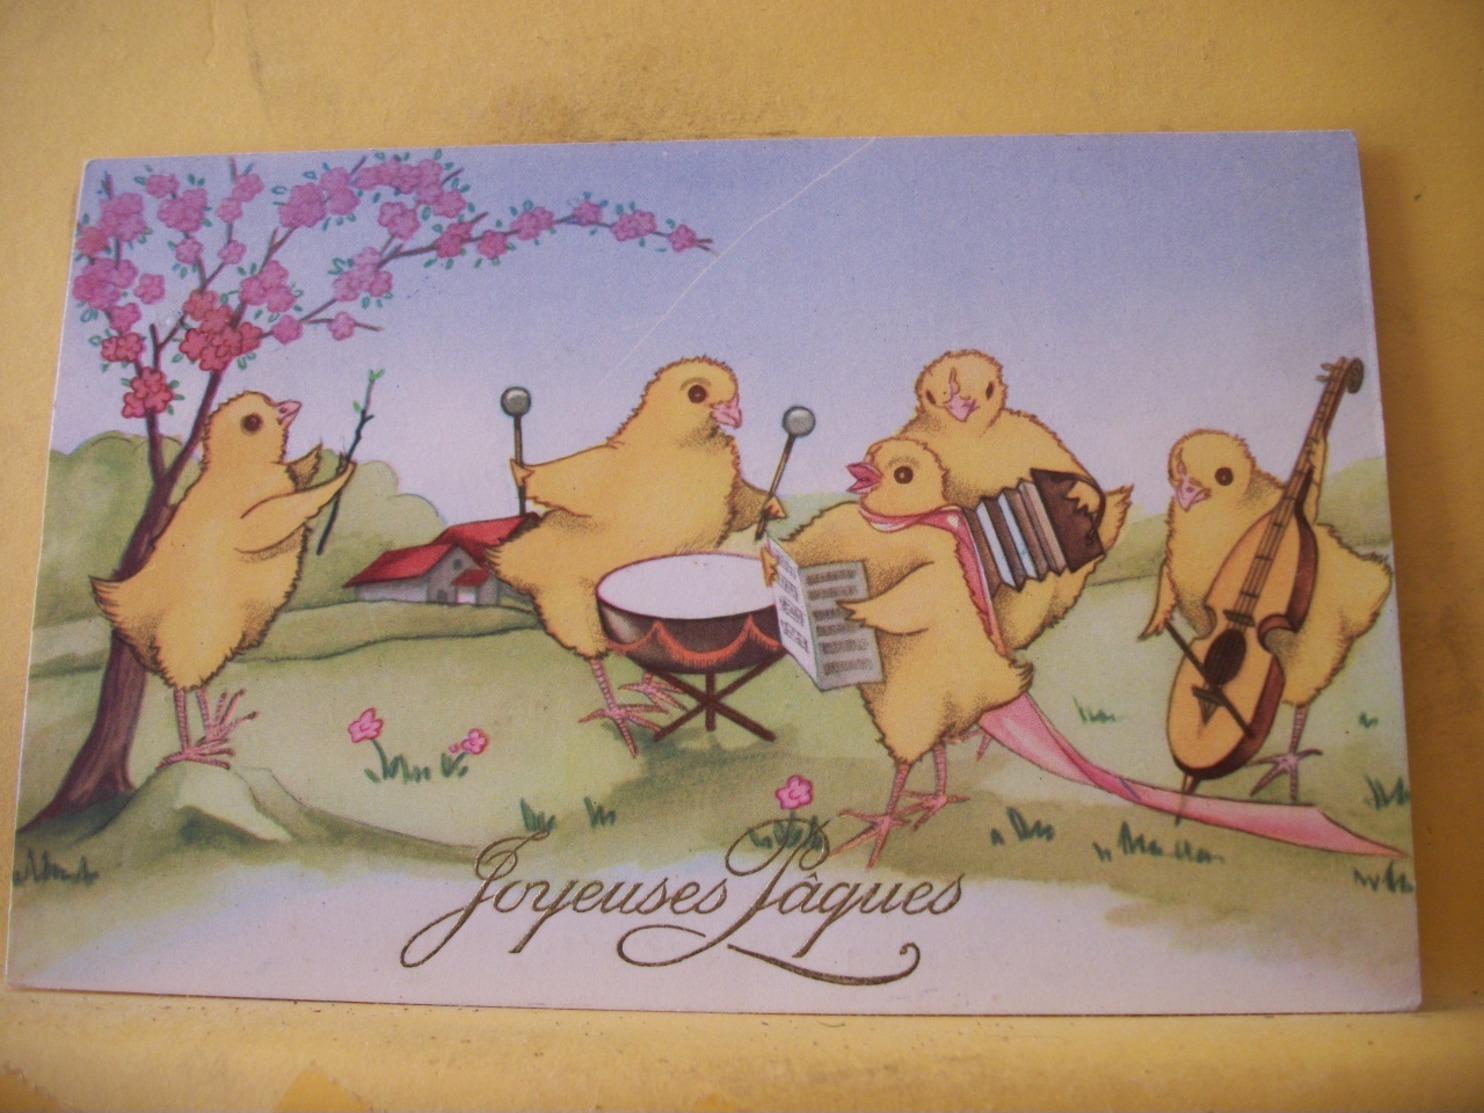 B20 9655 CPSM PM 1954 - JOYEUSES PAQUES EN LETTRES DOREES - 5 POUSSINS JAUNES FORMANT UNE HARMONIE MUSICALE. - Pâques